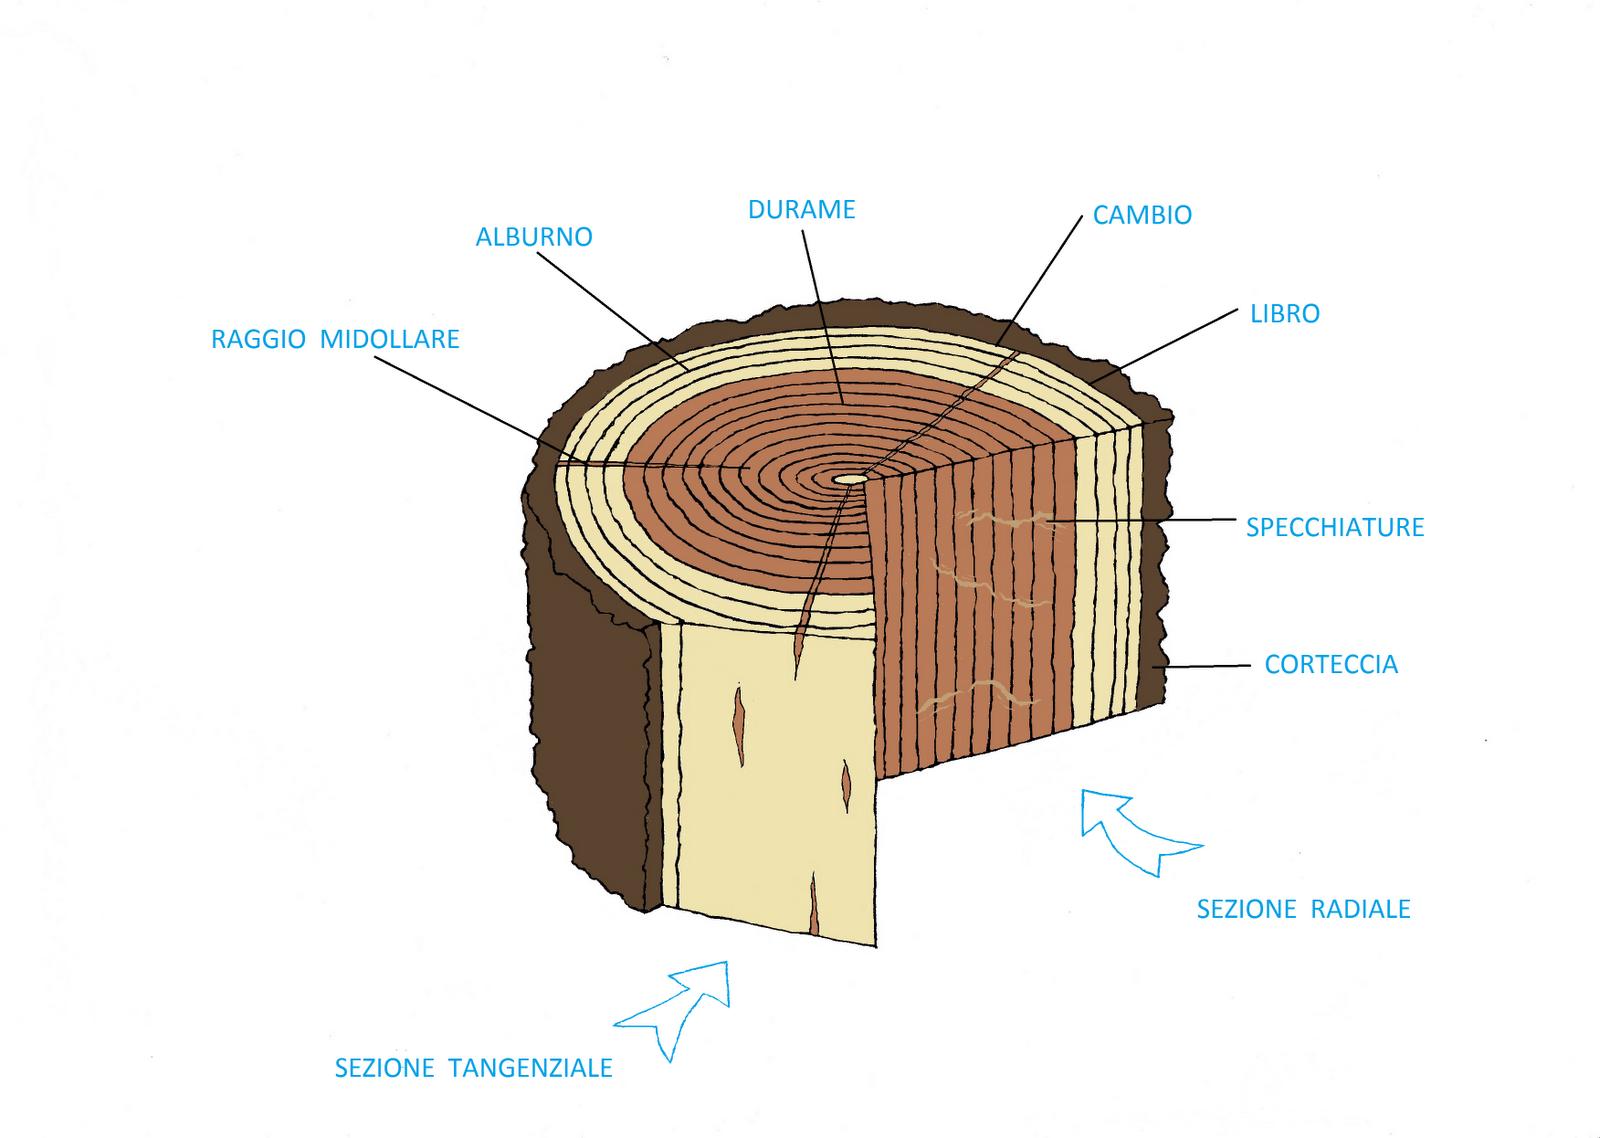 Amedeo liberatoscioli rovere for Tronco albero arredamento